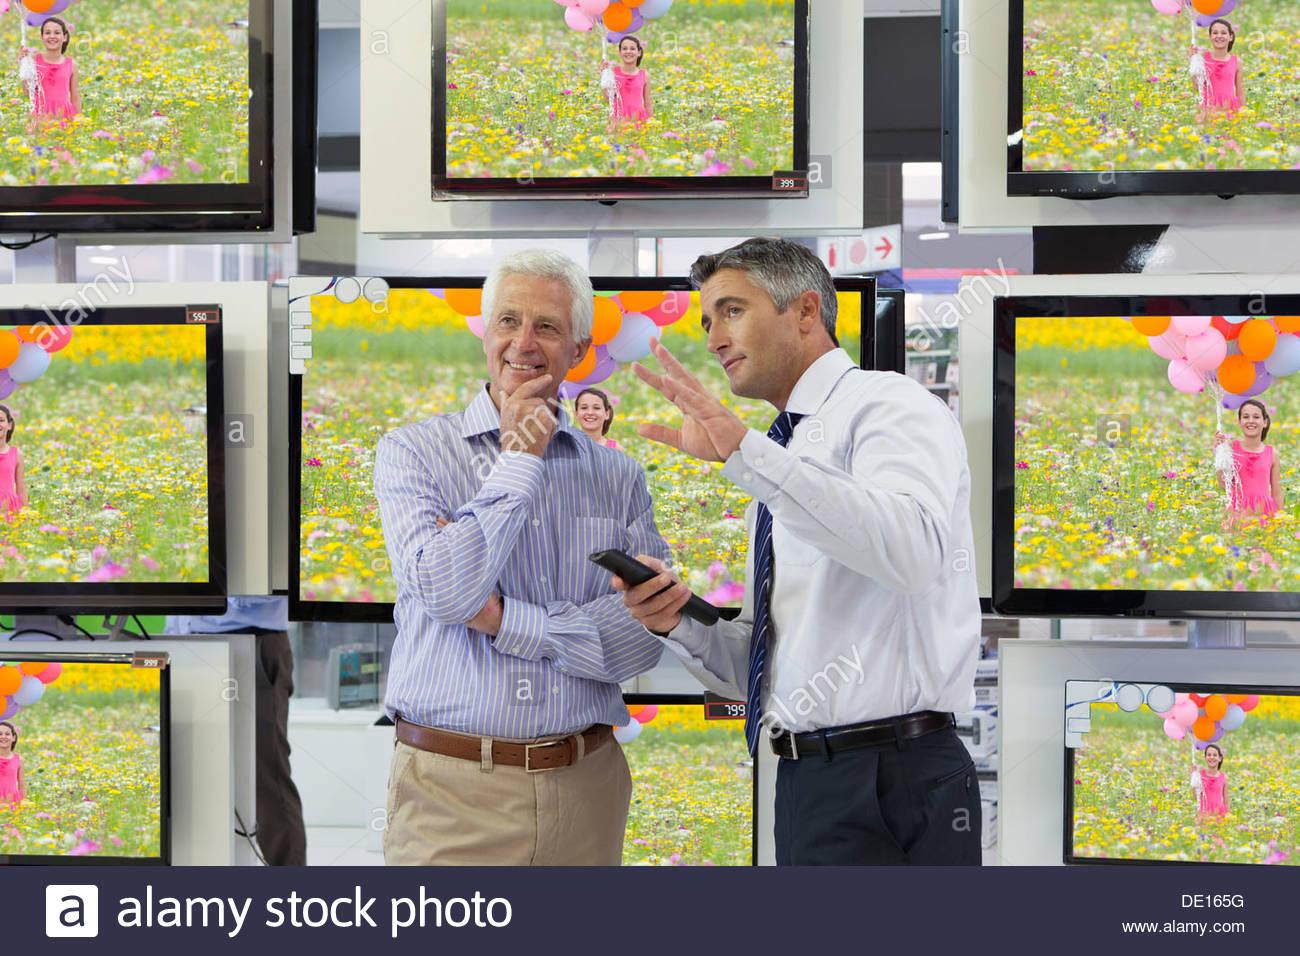 Télévision écran plat derrière et vendeur senior man in electronics store Photo Stock